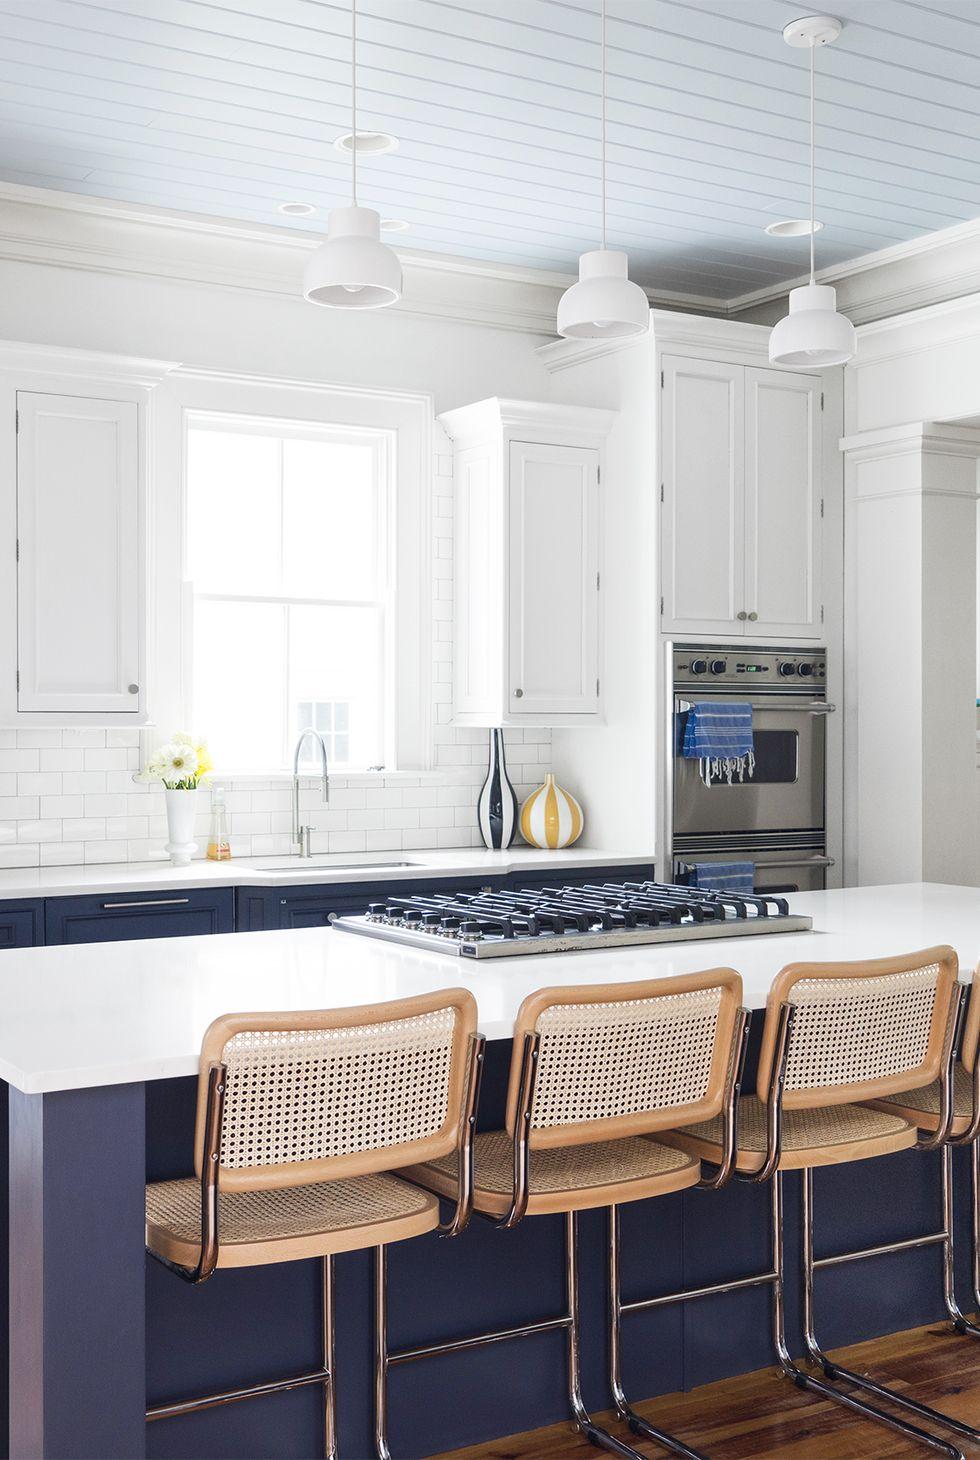 آشپزخانه دیدنی و شیک در سال 2020 با طراحی سفید دیدنی